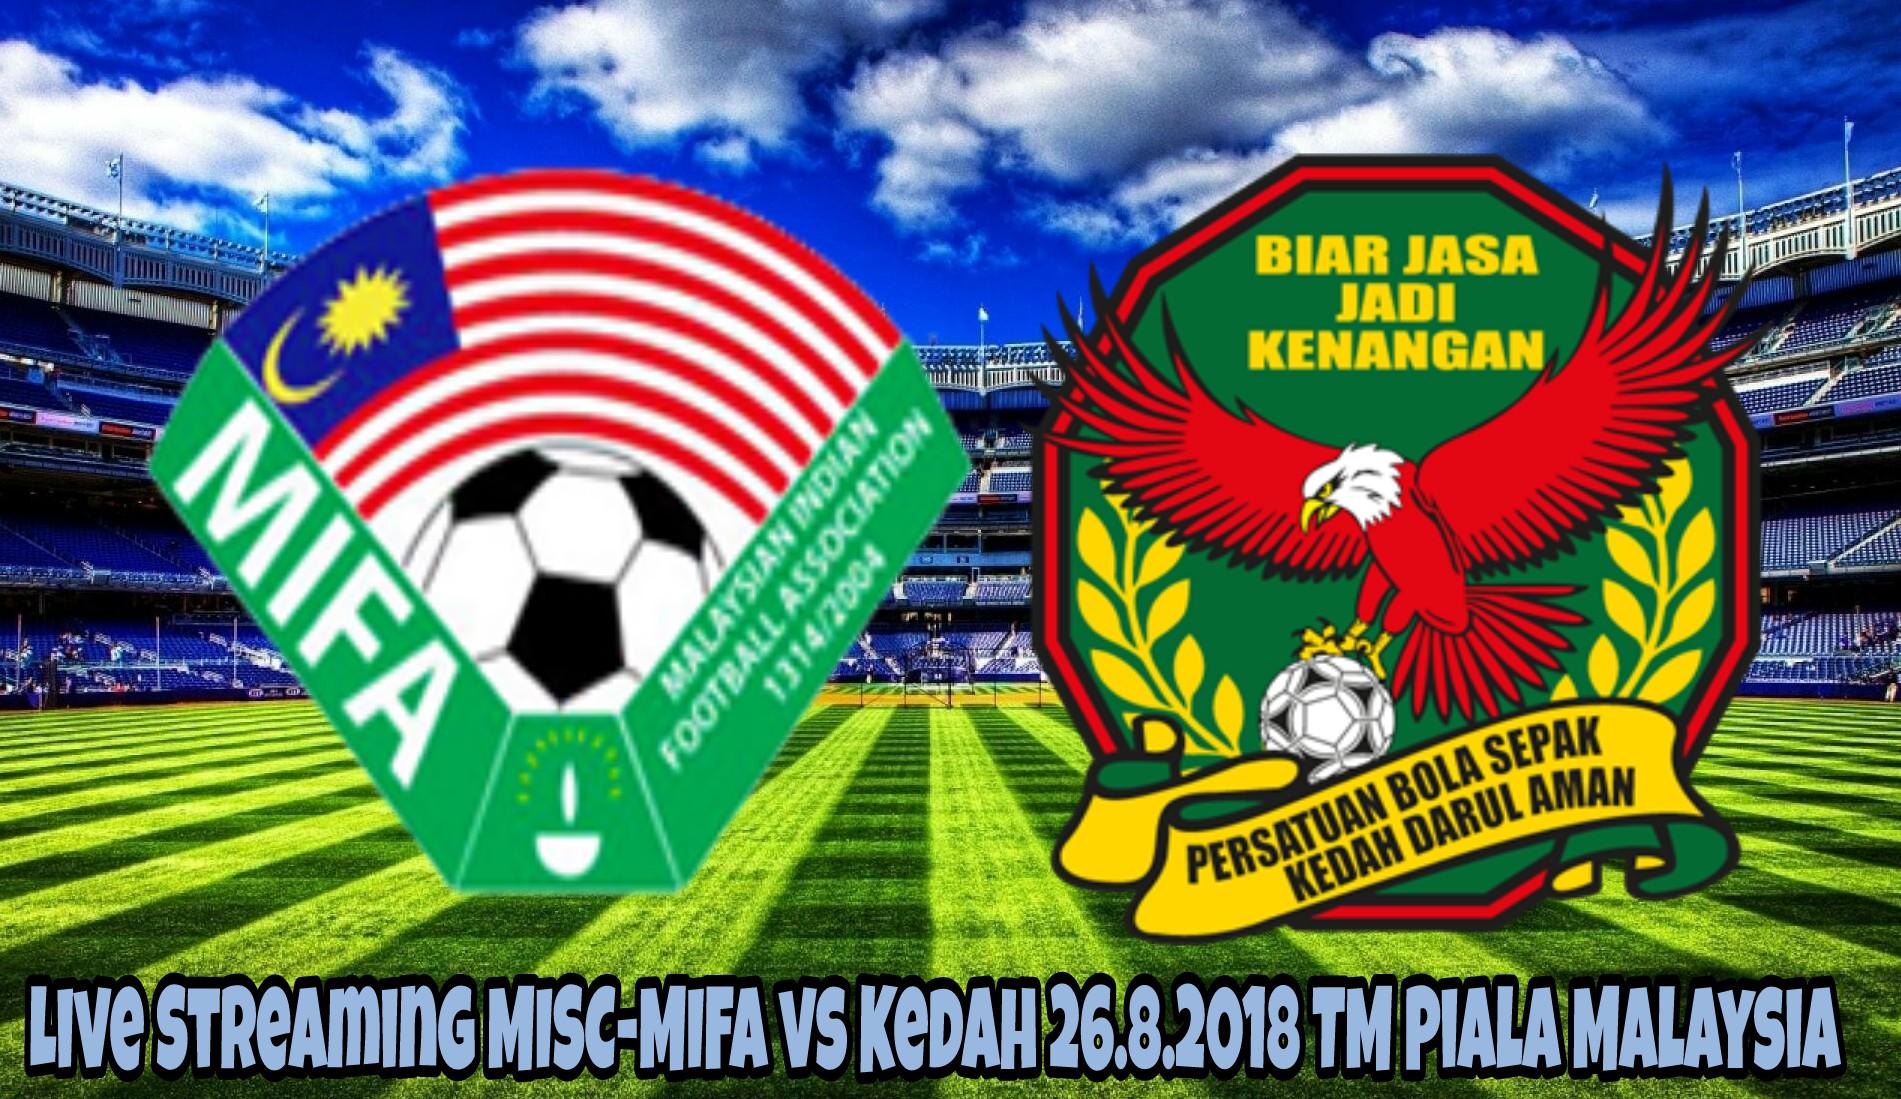 Live Streaming MISC-MIFA vs Kedah 26.8.2018 TM Piala Malaysia